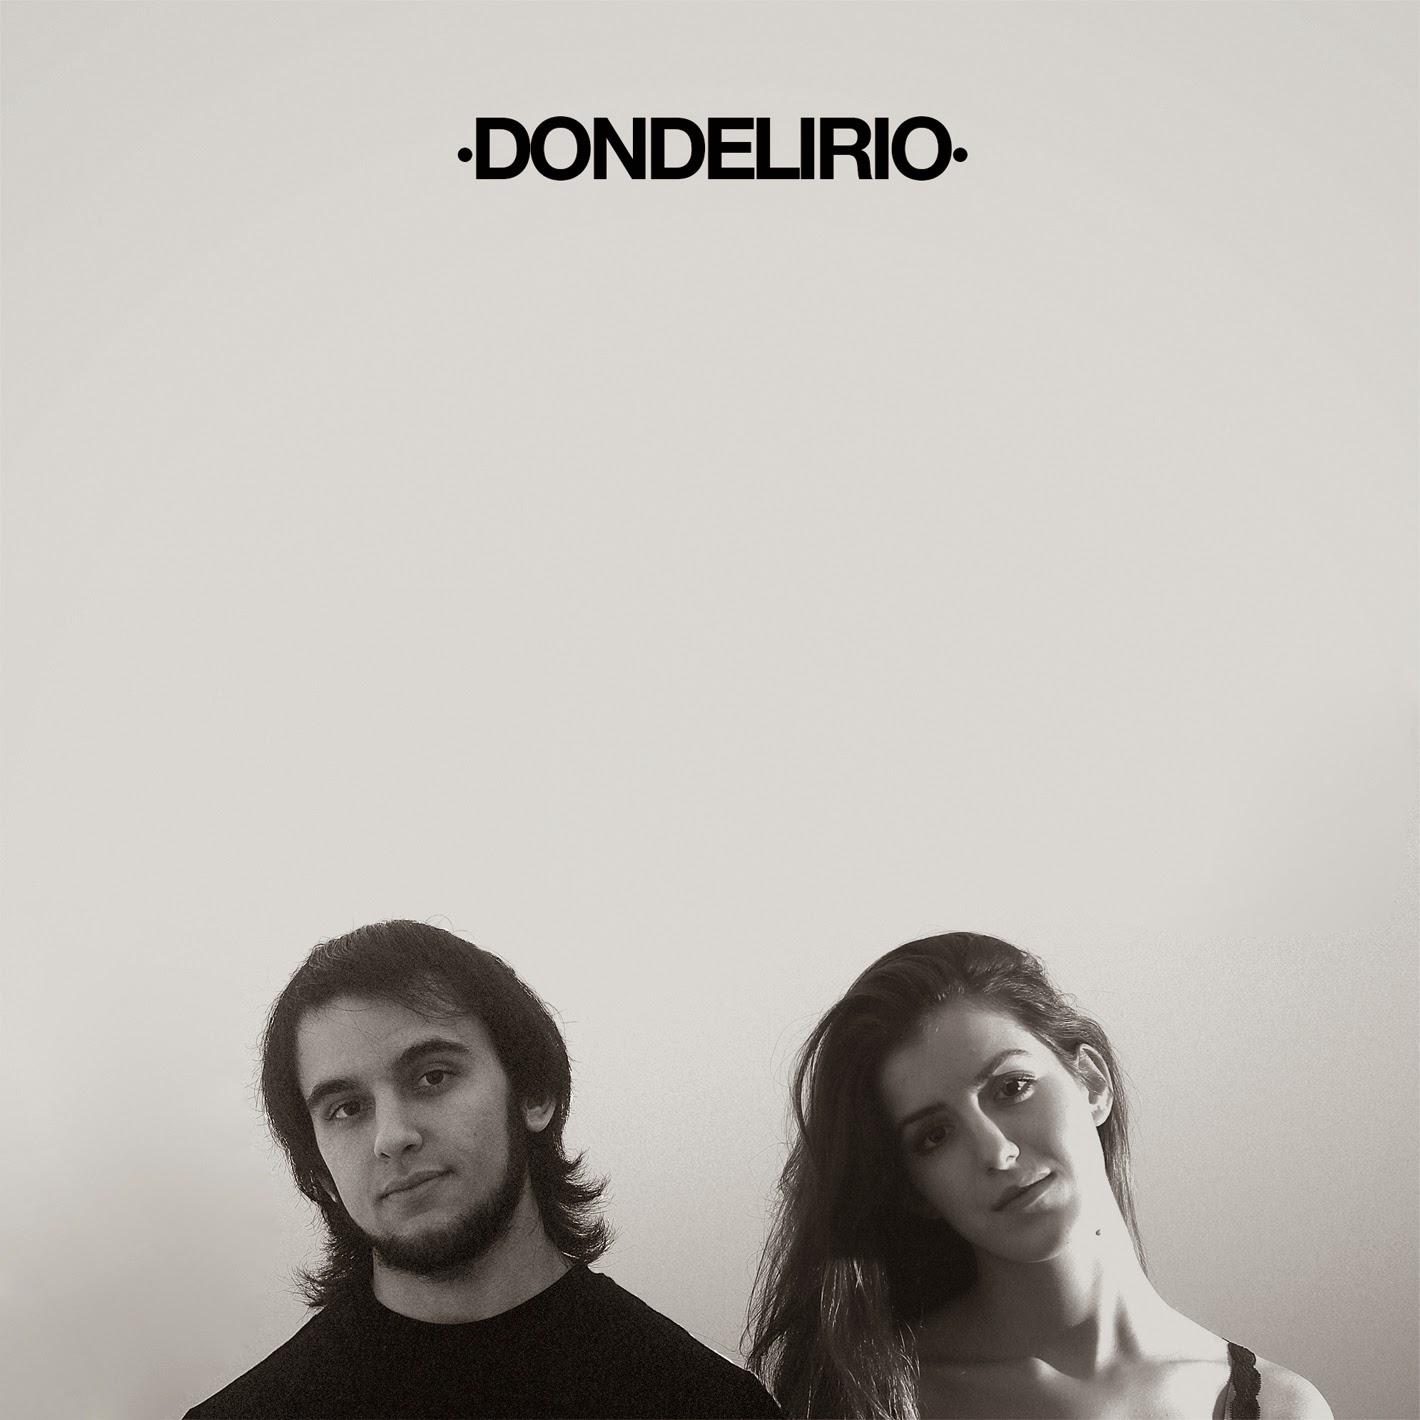 Dondelirio ep